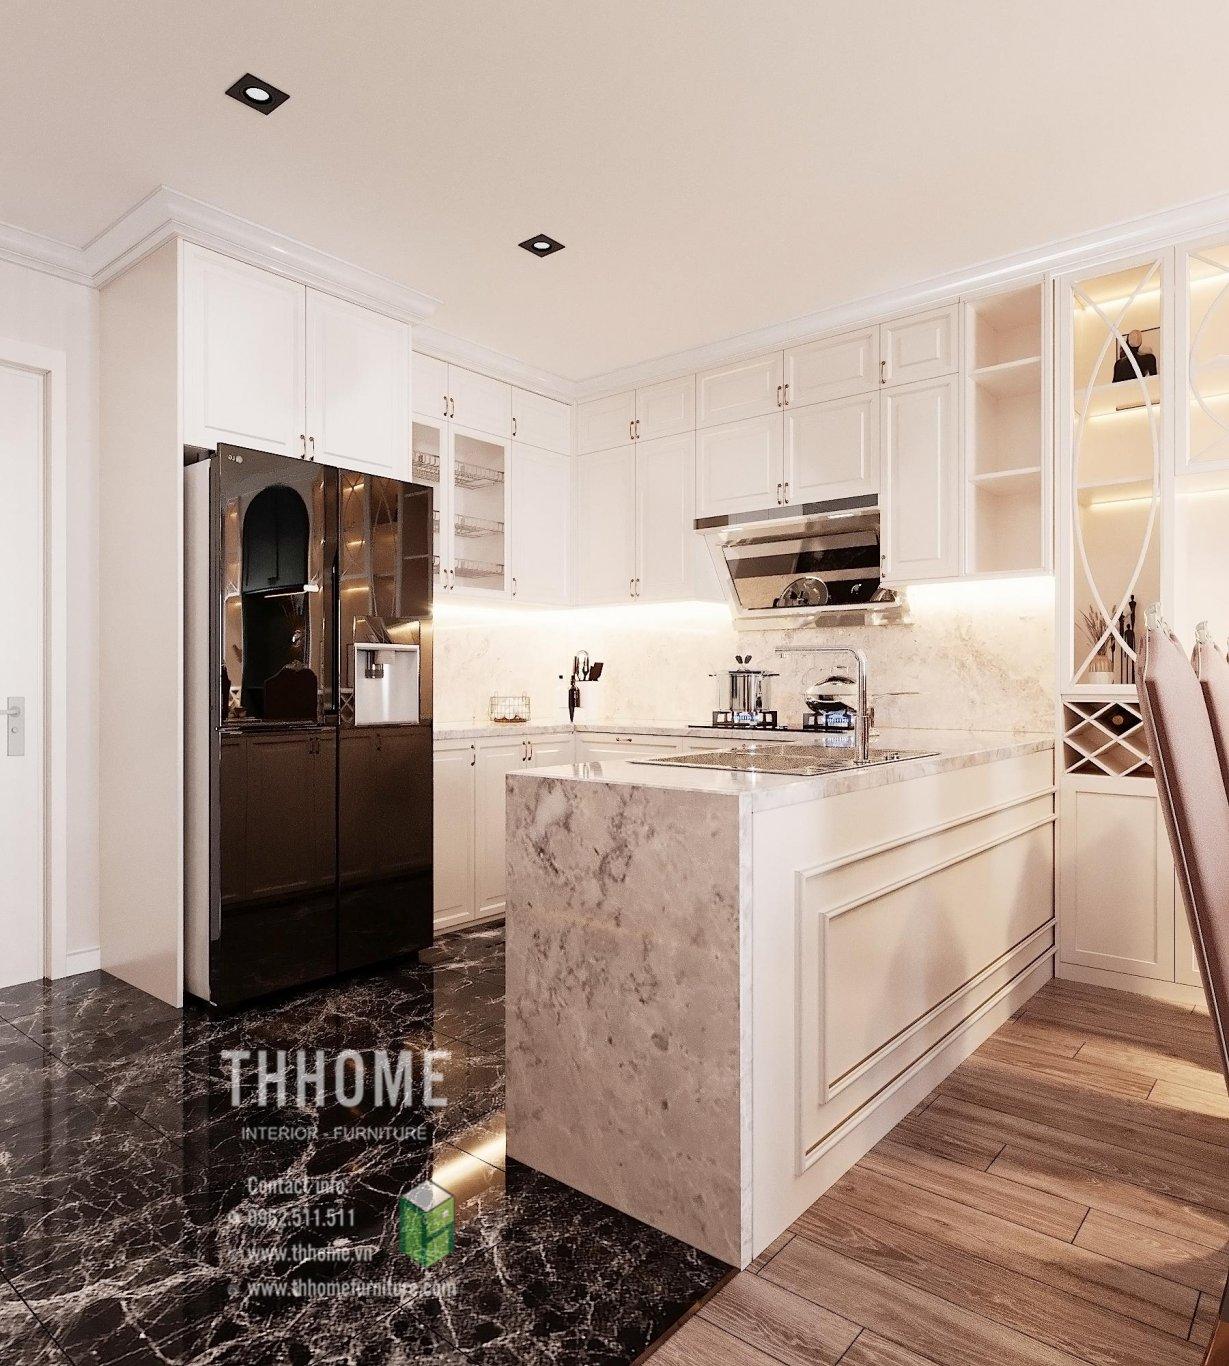 Phòng bếp thiết kế nội thất phong cách Tân cổ điển